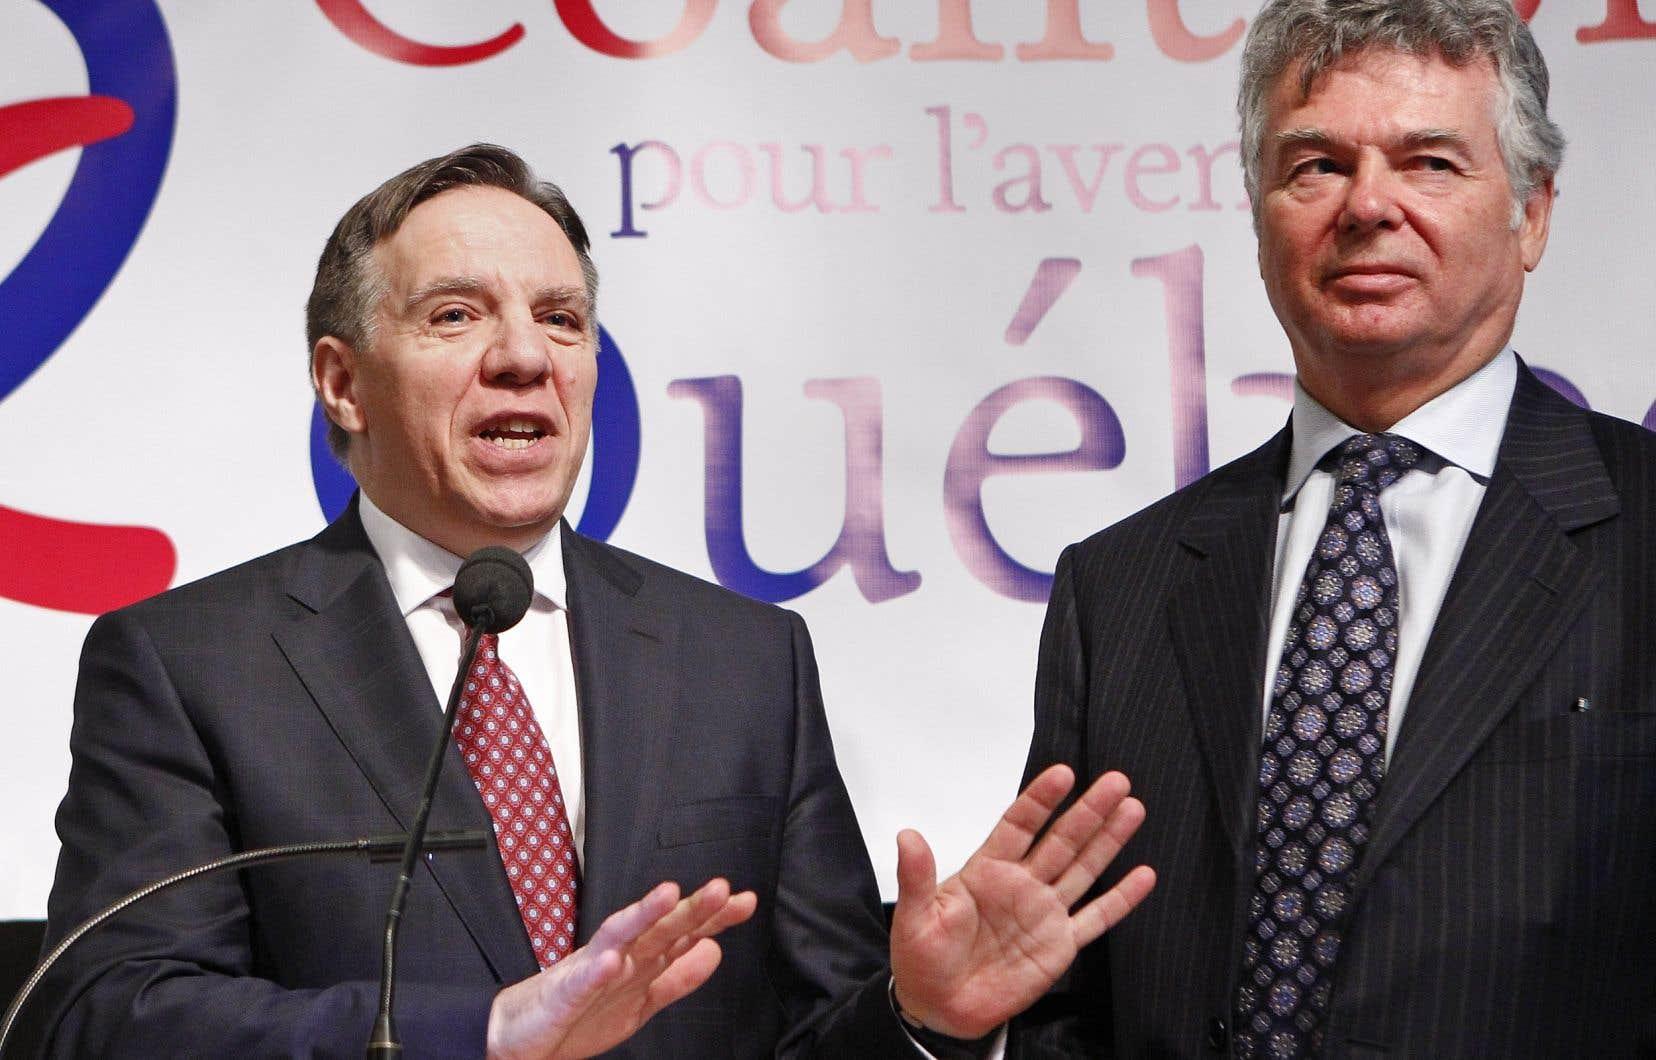 Charles Sirois est aux côtés de François Legault dans le centre d'interprétation de Place-Royale, au cœur du Vieux-Québec, lors du dévoilement du manifeste de la Coalition pour l'avenir du Québec, le 21 février 2011.